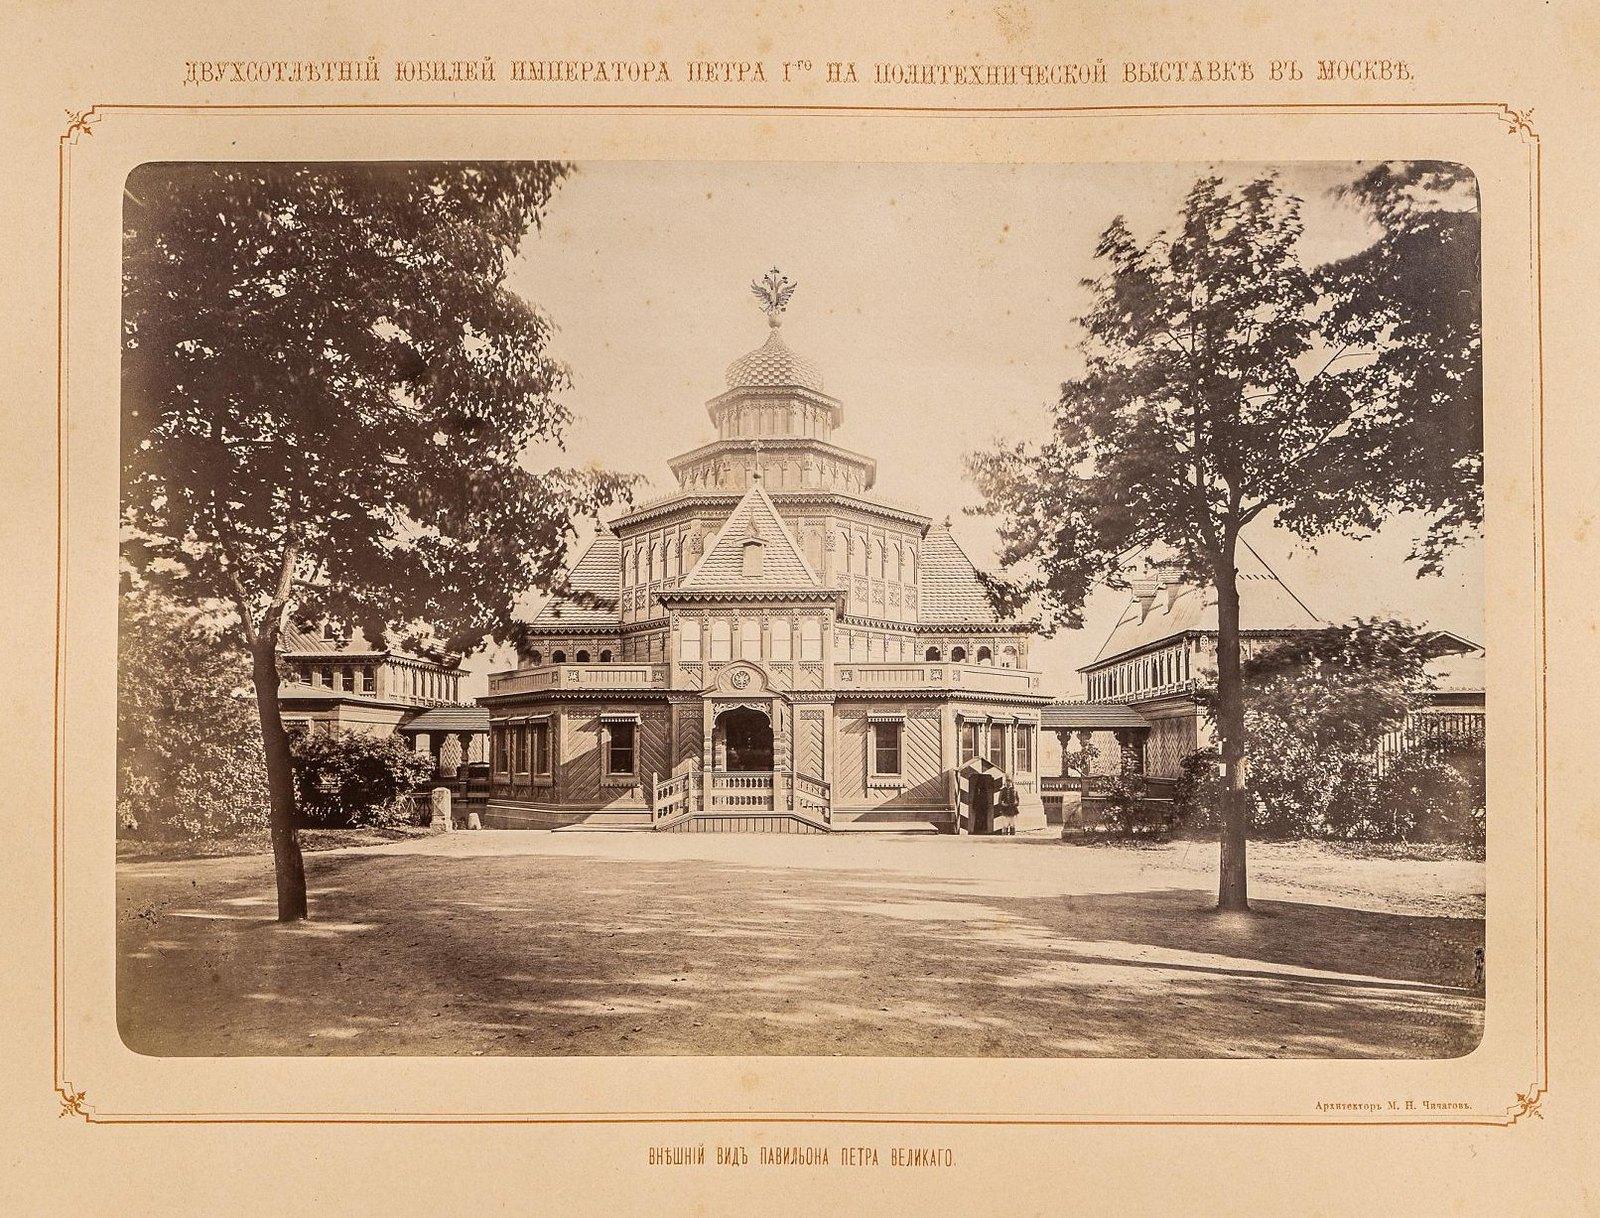 11. Павильон Петра Великого в Кремле (центральная часть Исторического отдела) Внешний вид